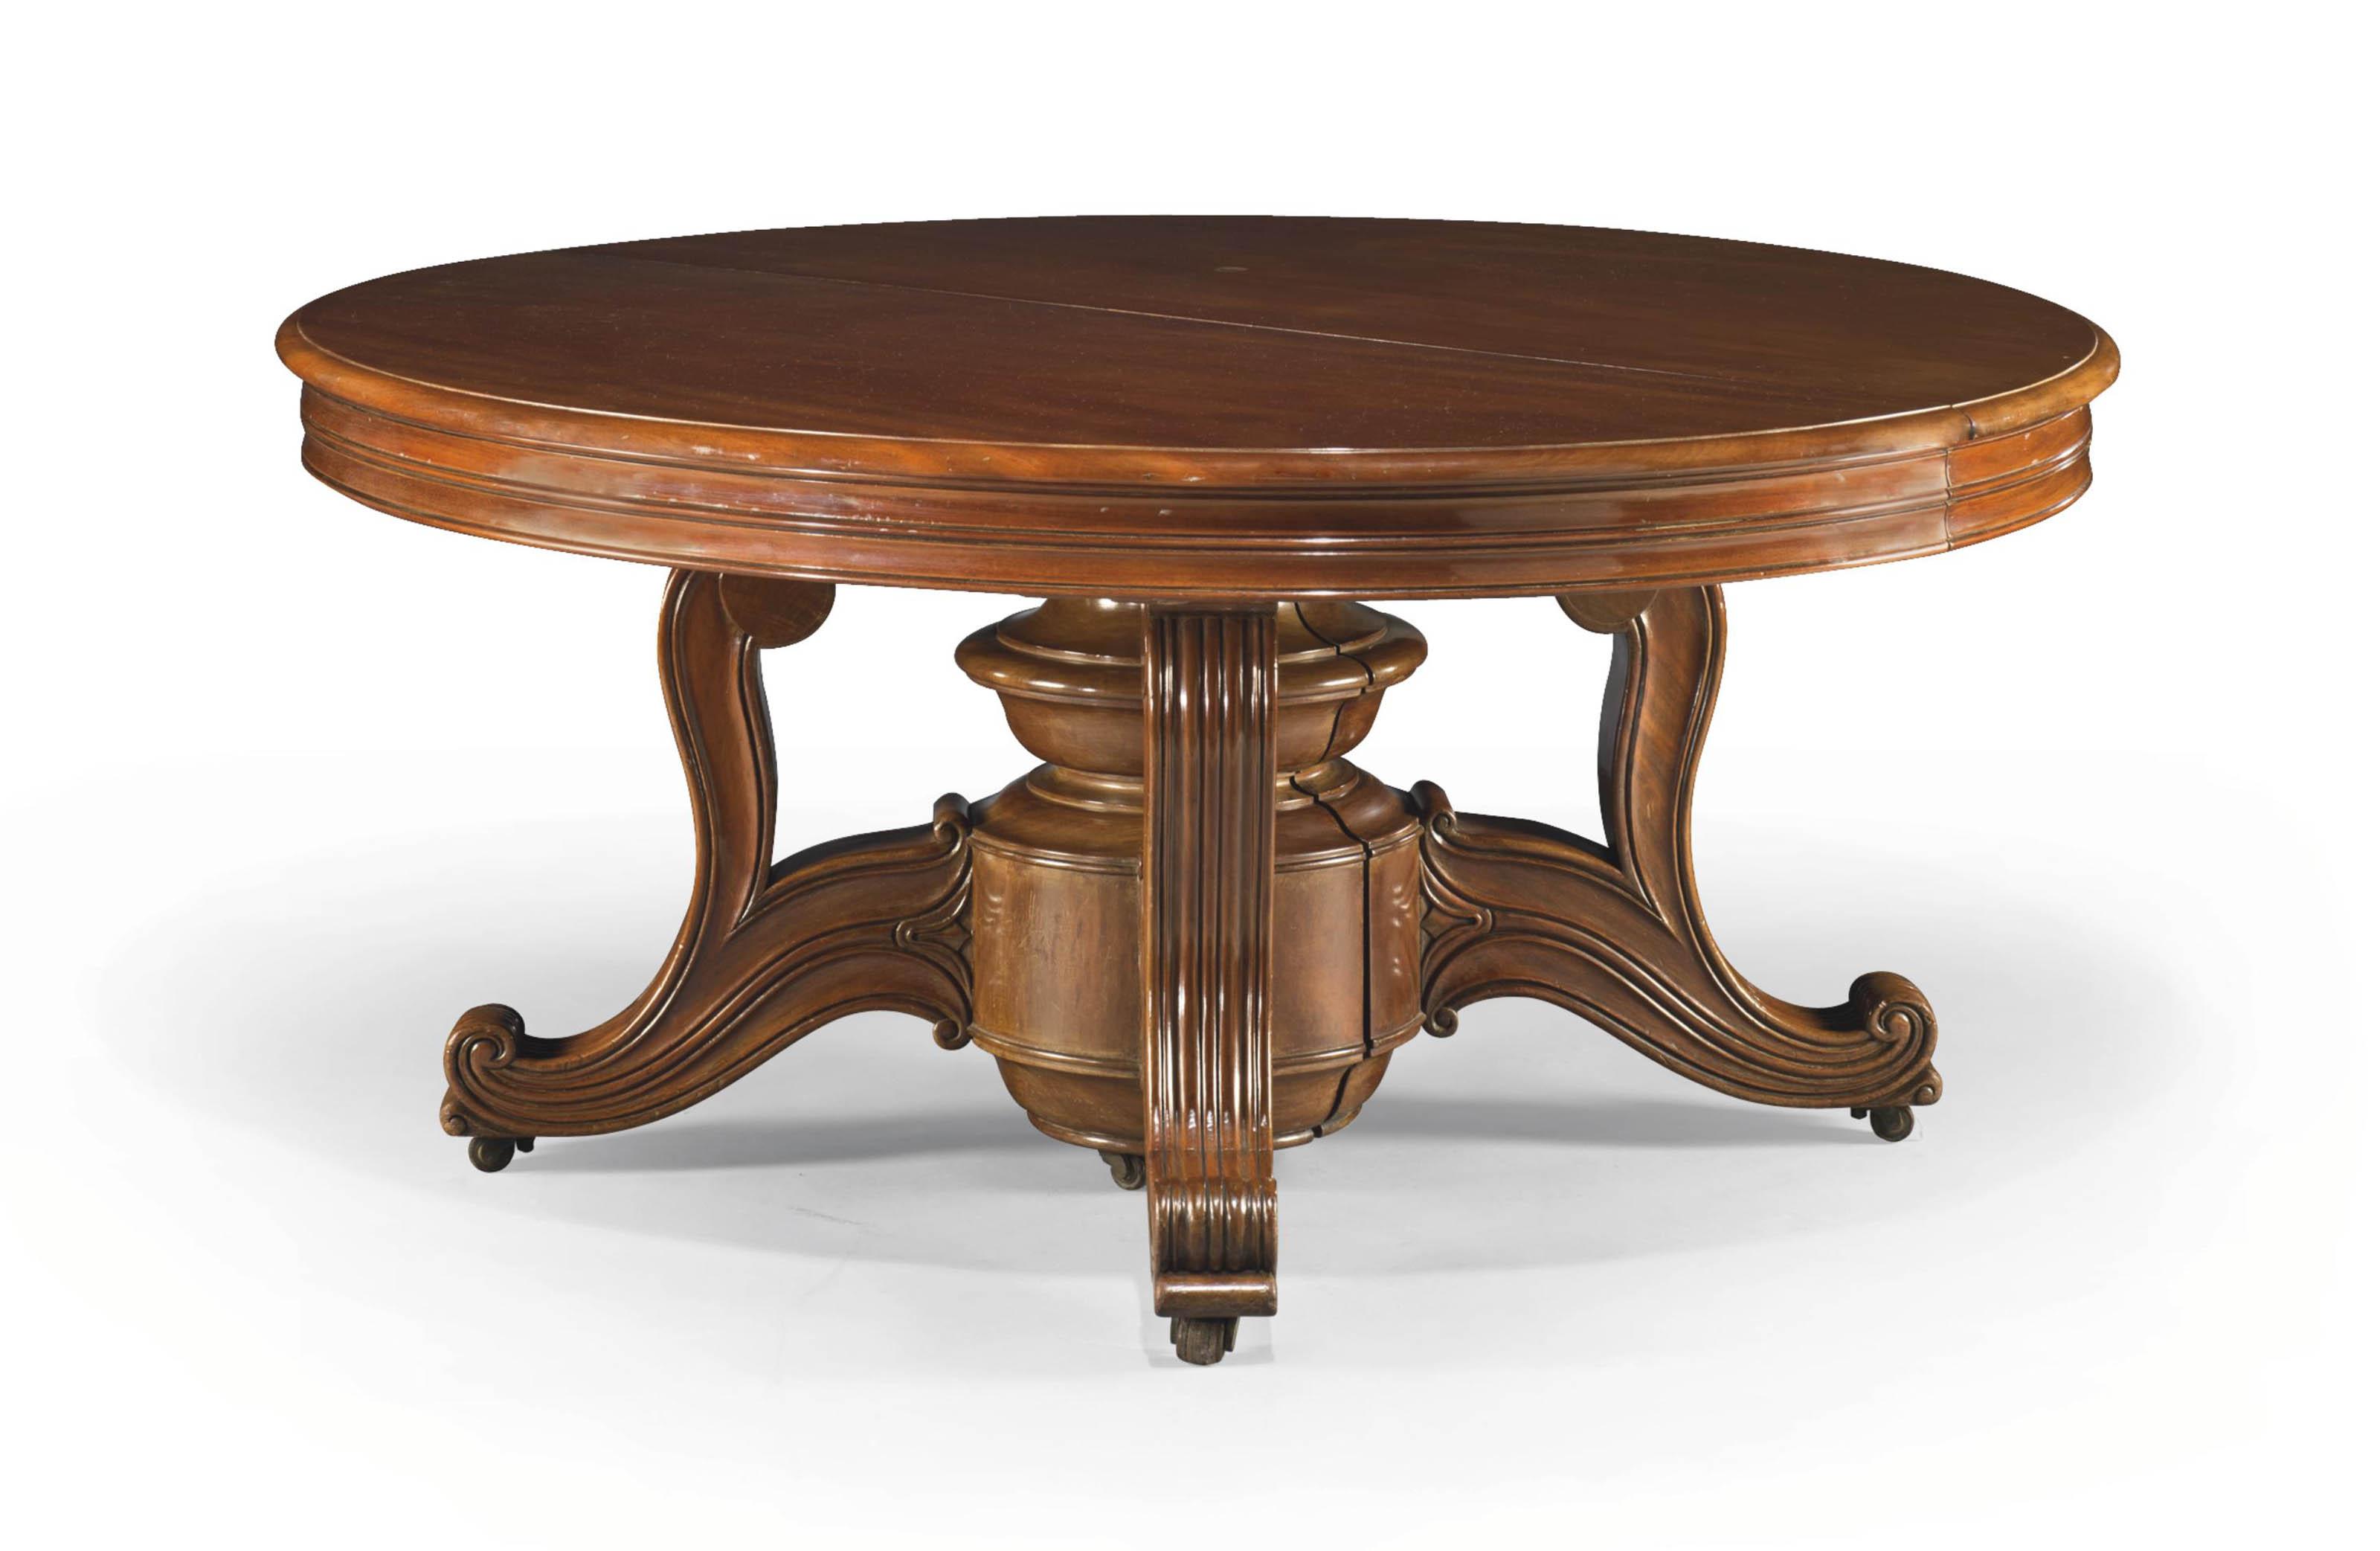 TABLE DE SALLE A MANGER Du0027EPOQUE LOUIS PHILIPPE